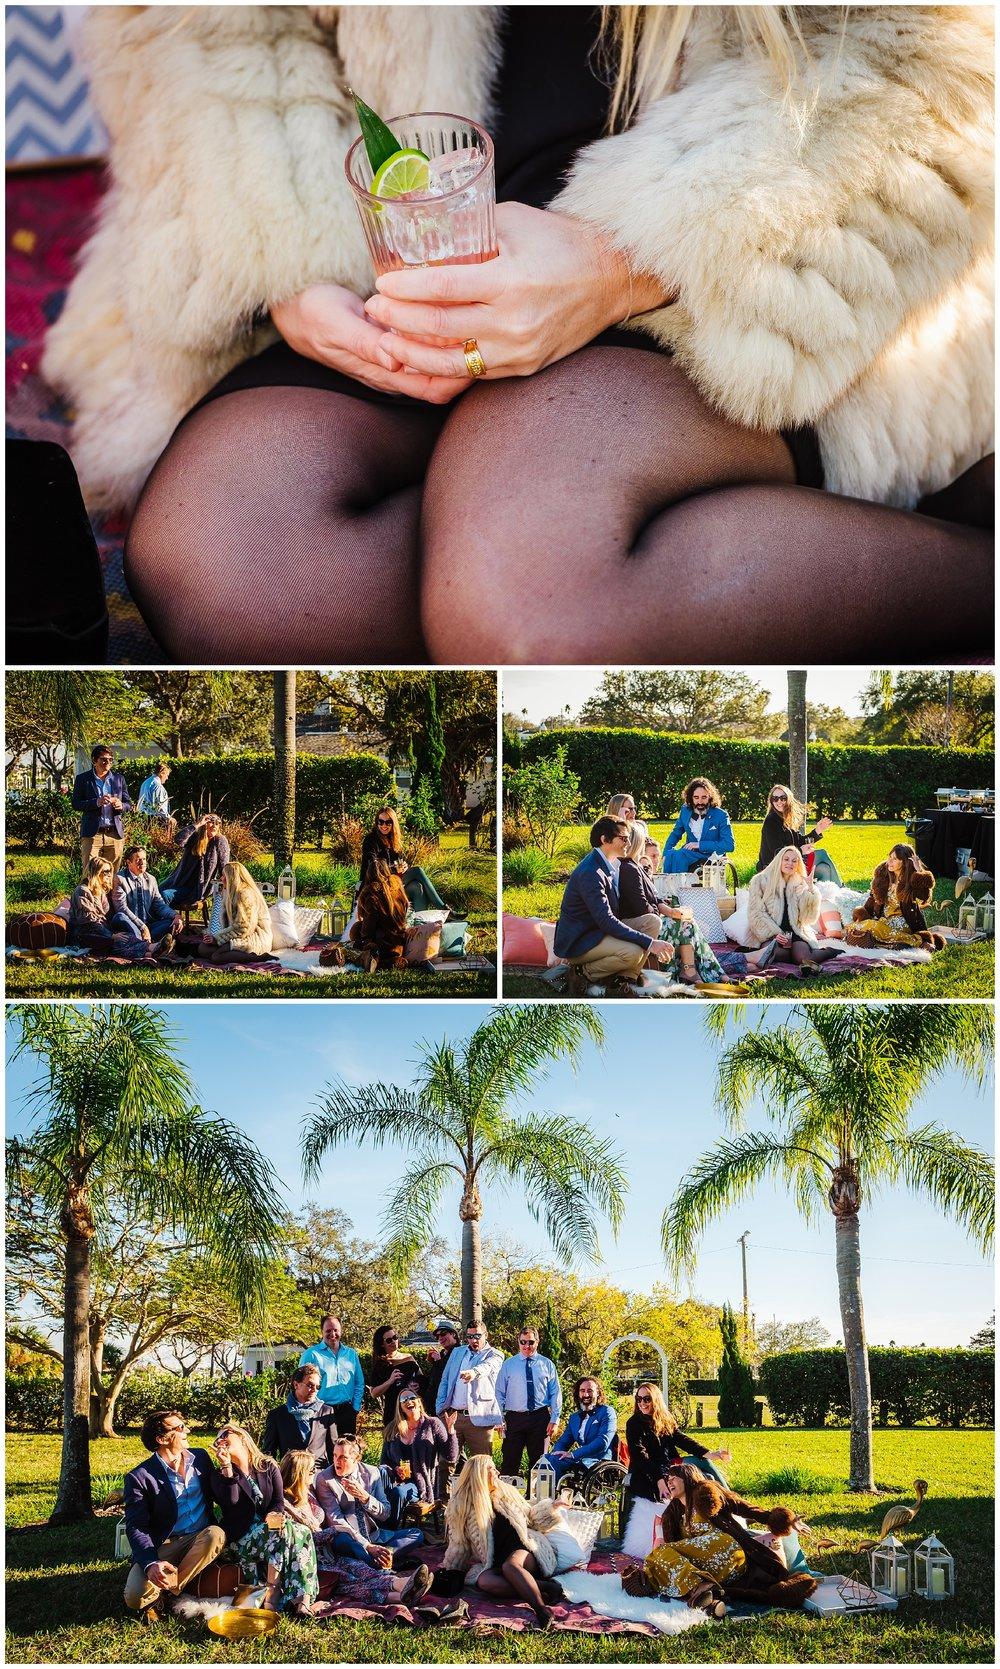 tampa-wedding-photographer-davis-island-flamingo-garden-alexander-mcqueen-non-traditional_0046.jpg